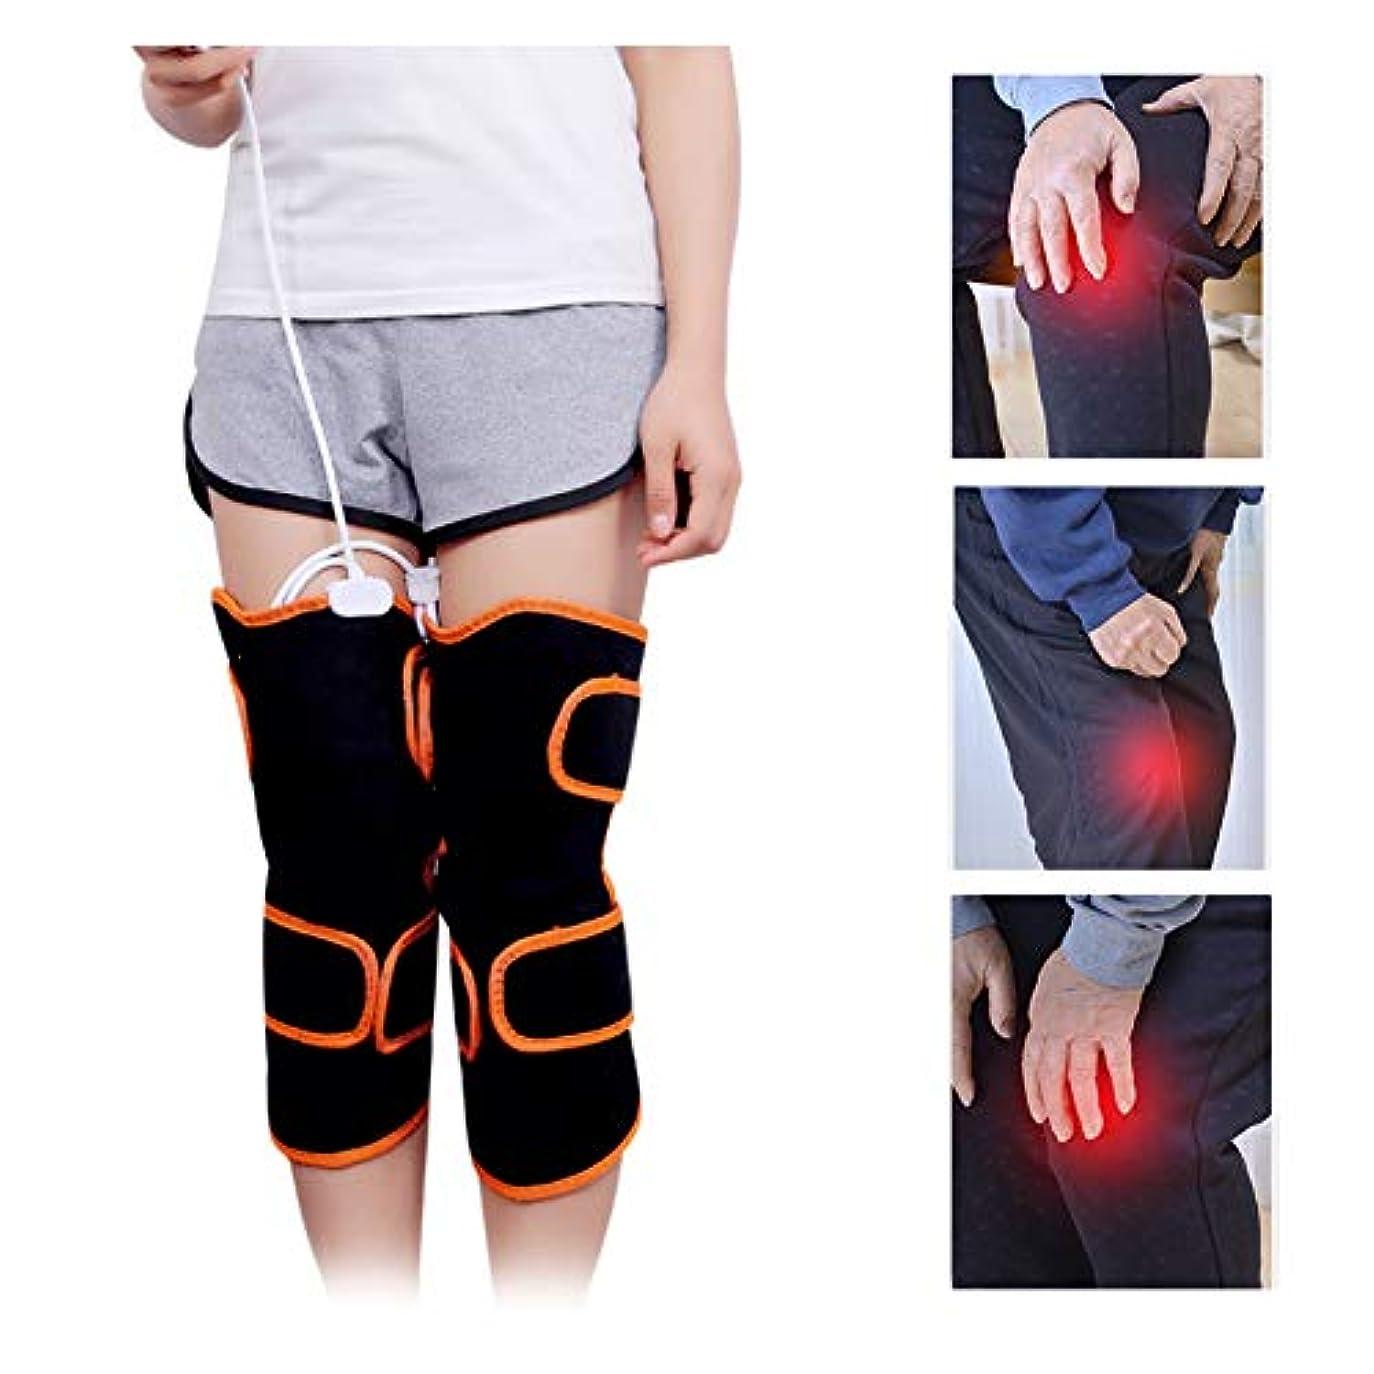 オール組み込む予見する9種類のマッサージモードと5種類の速度の膝温熱パッド付き加熱膝装具-膝の怪我、痛みを軽減するセラピーラップマッサージャー